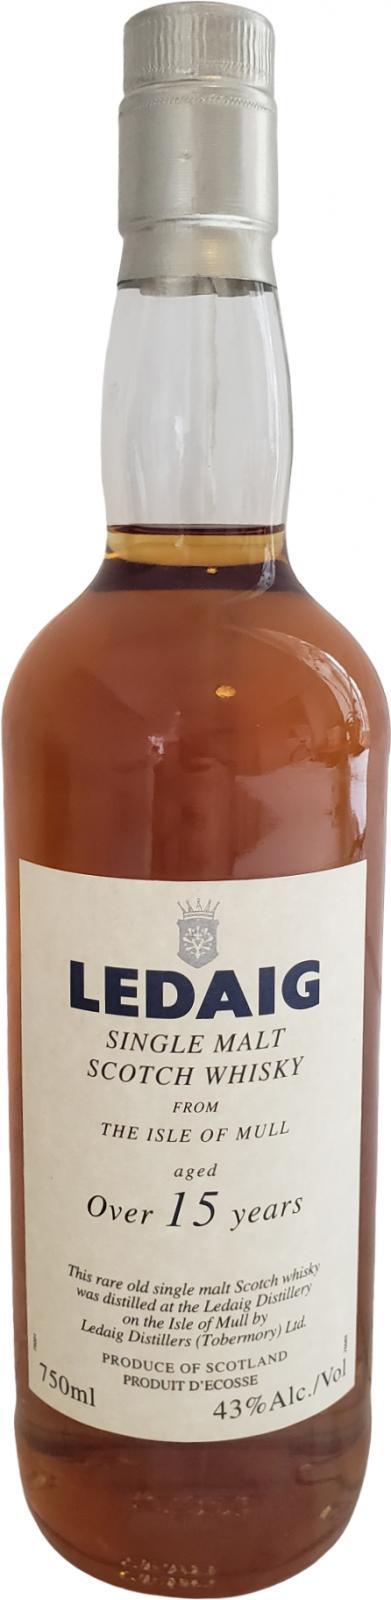 Ledaig 15-year-old